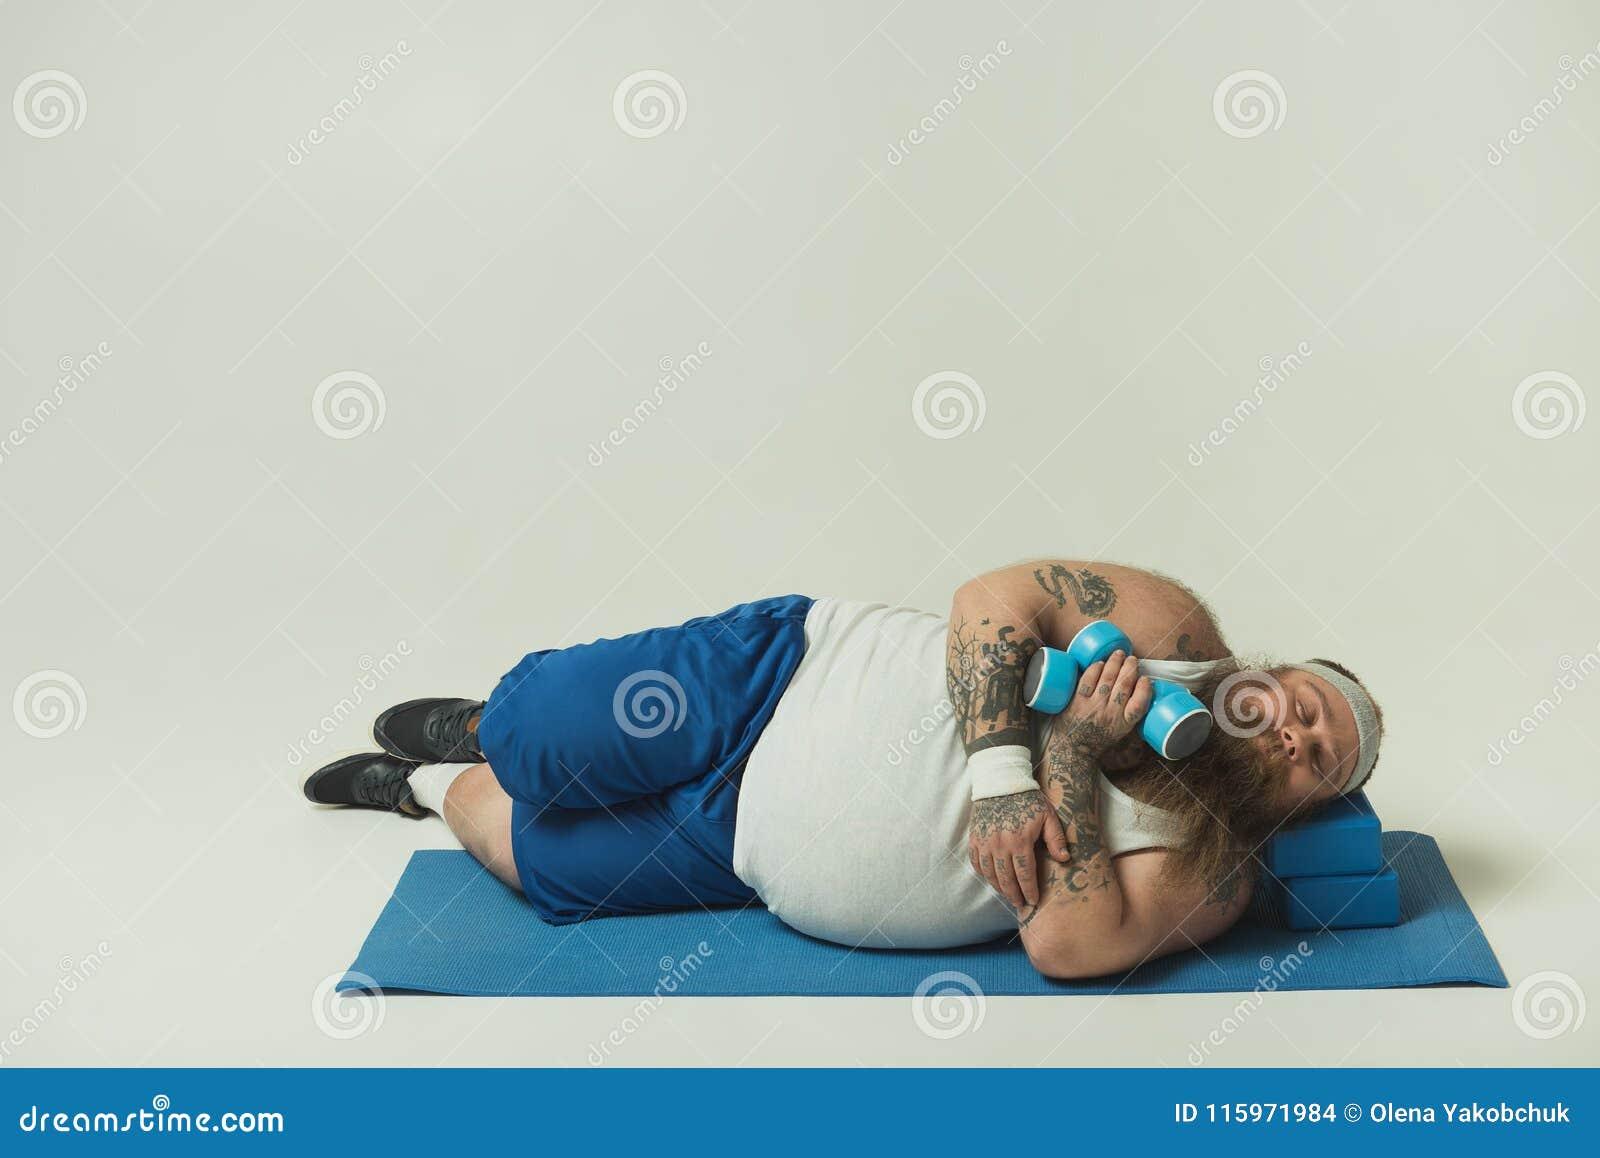 睡觉在训练以后的疲乏的肥胖人